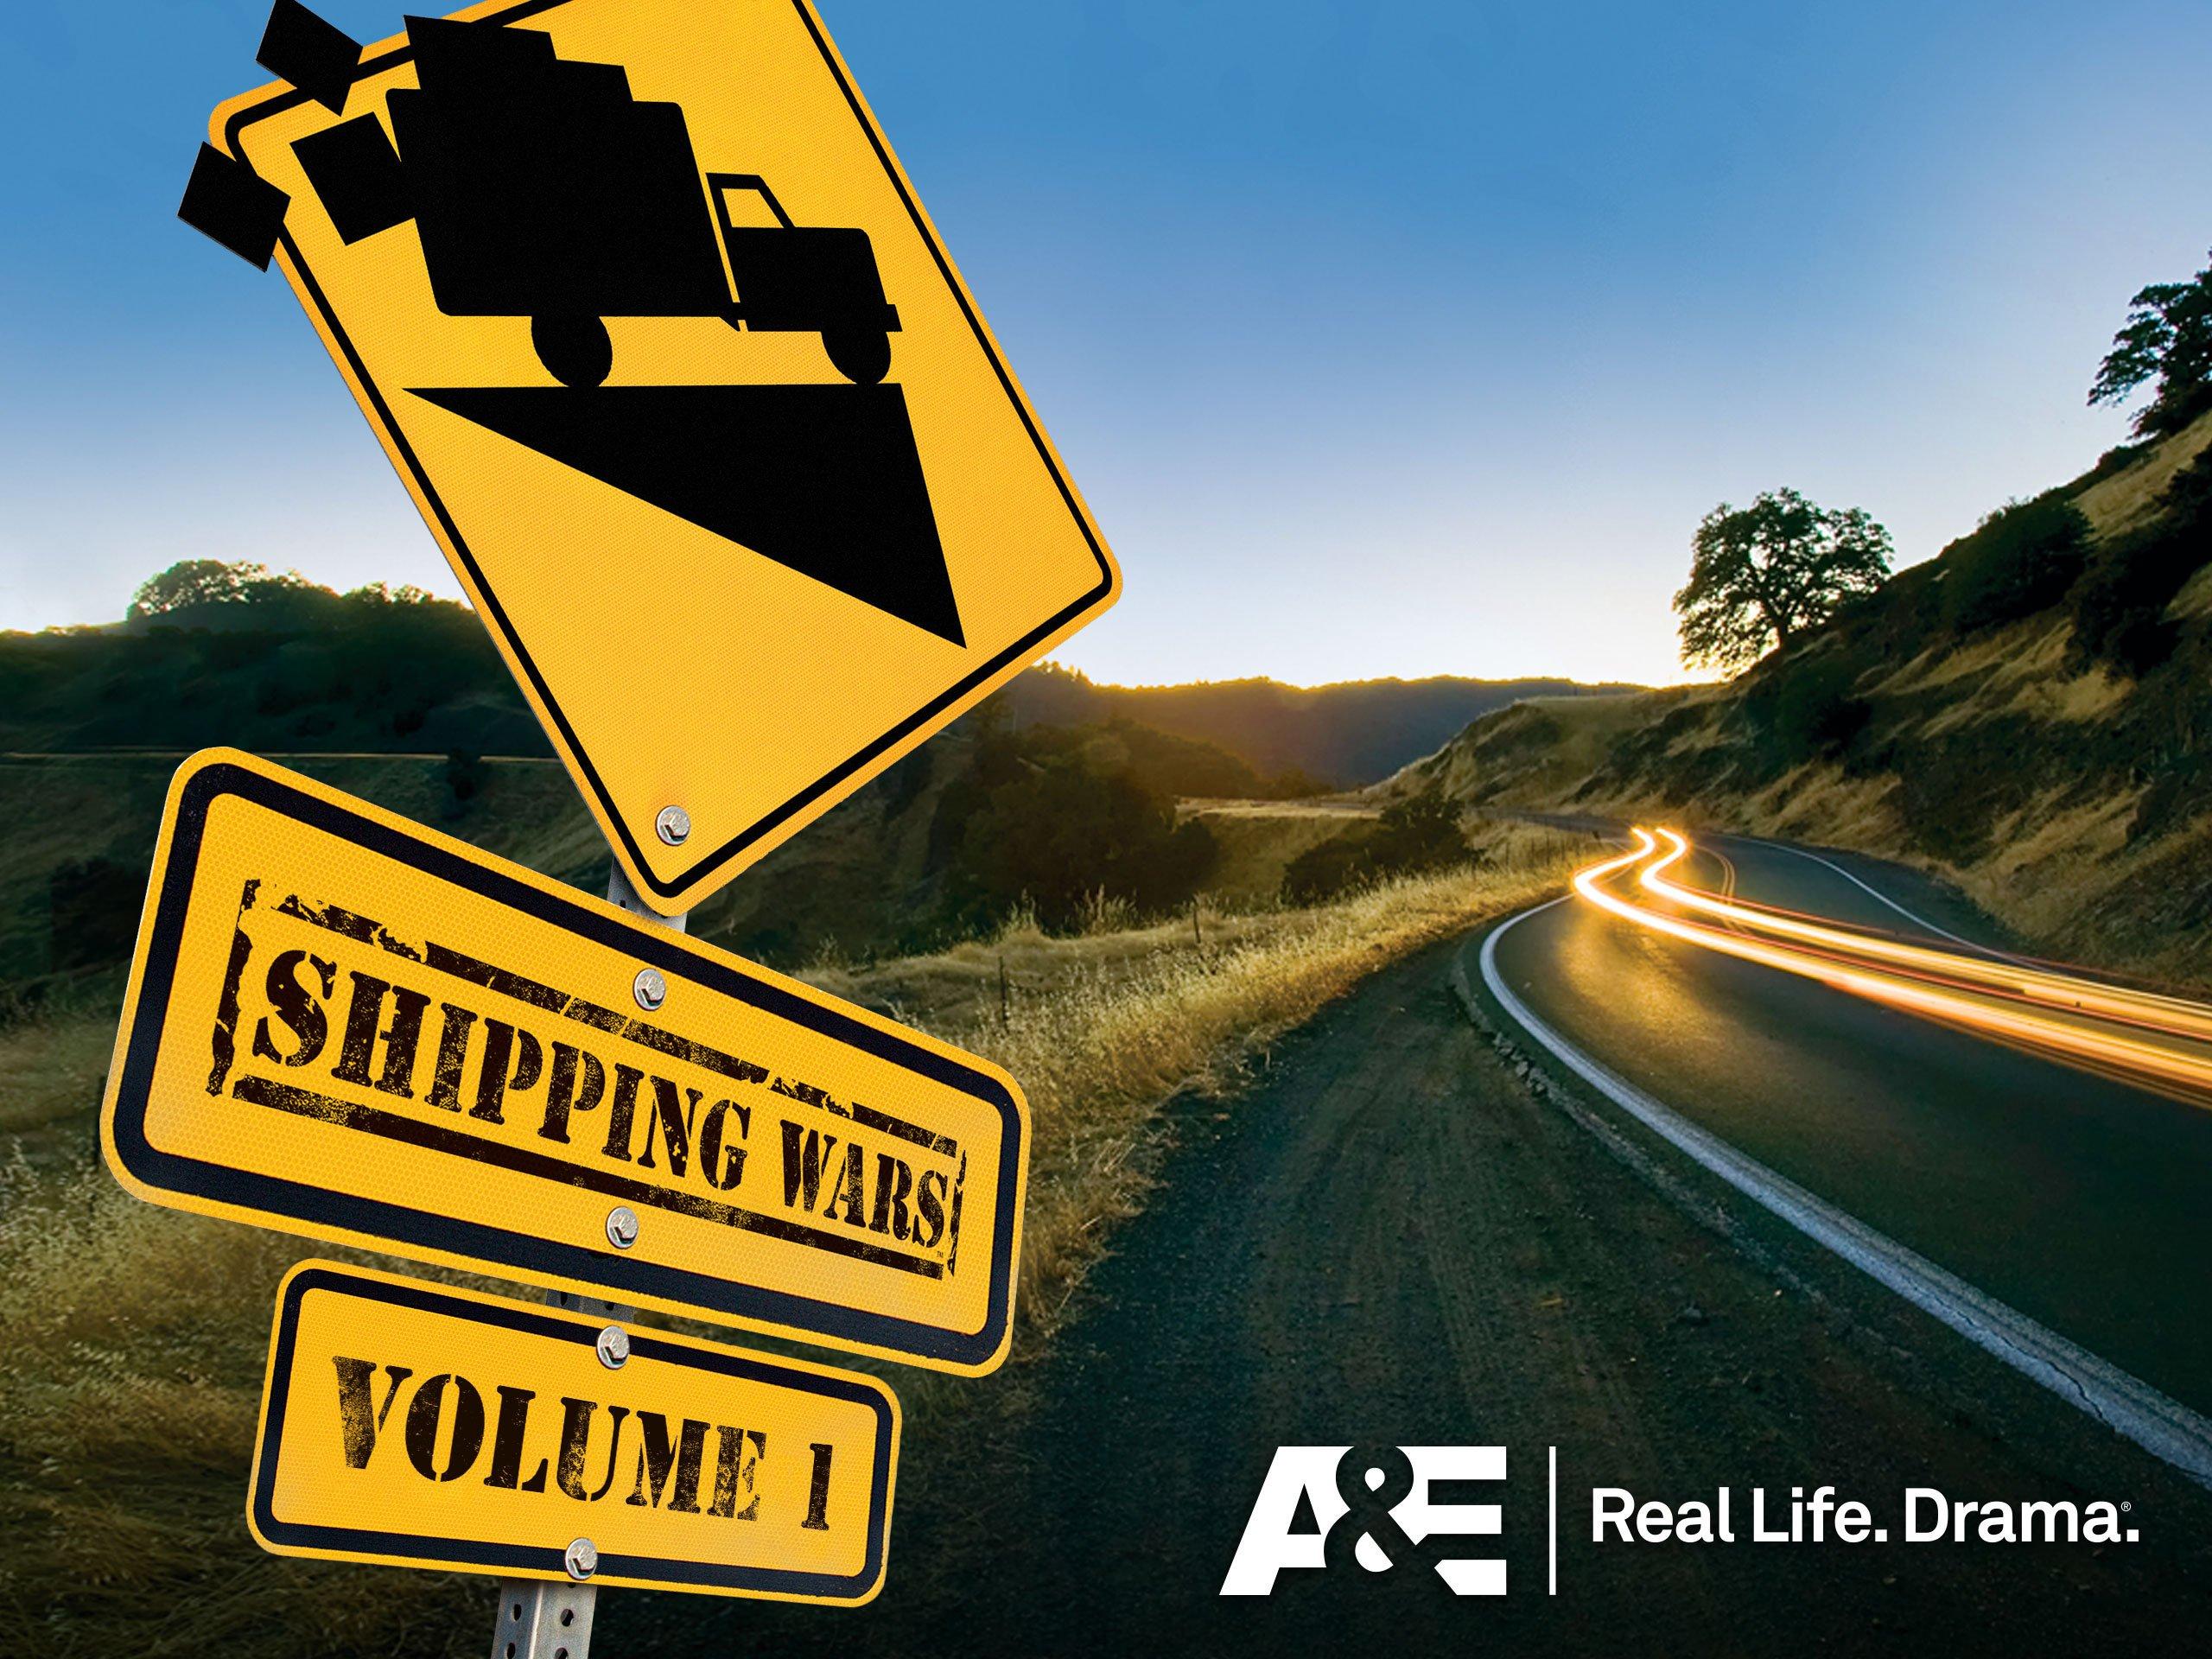 shipping wars season 3 episode 10